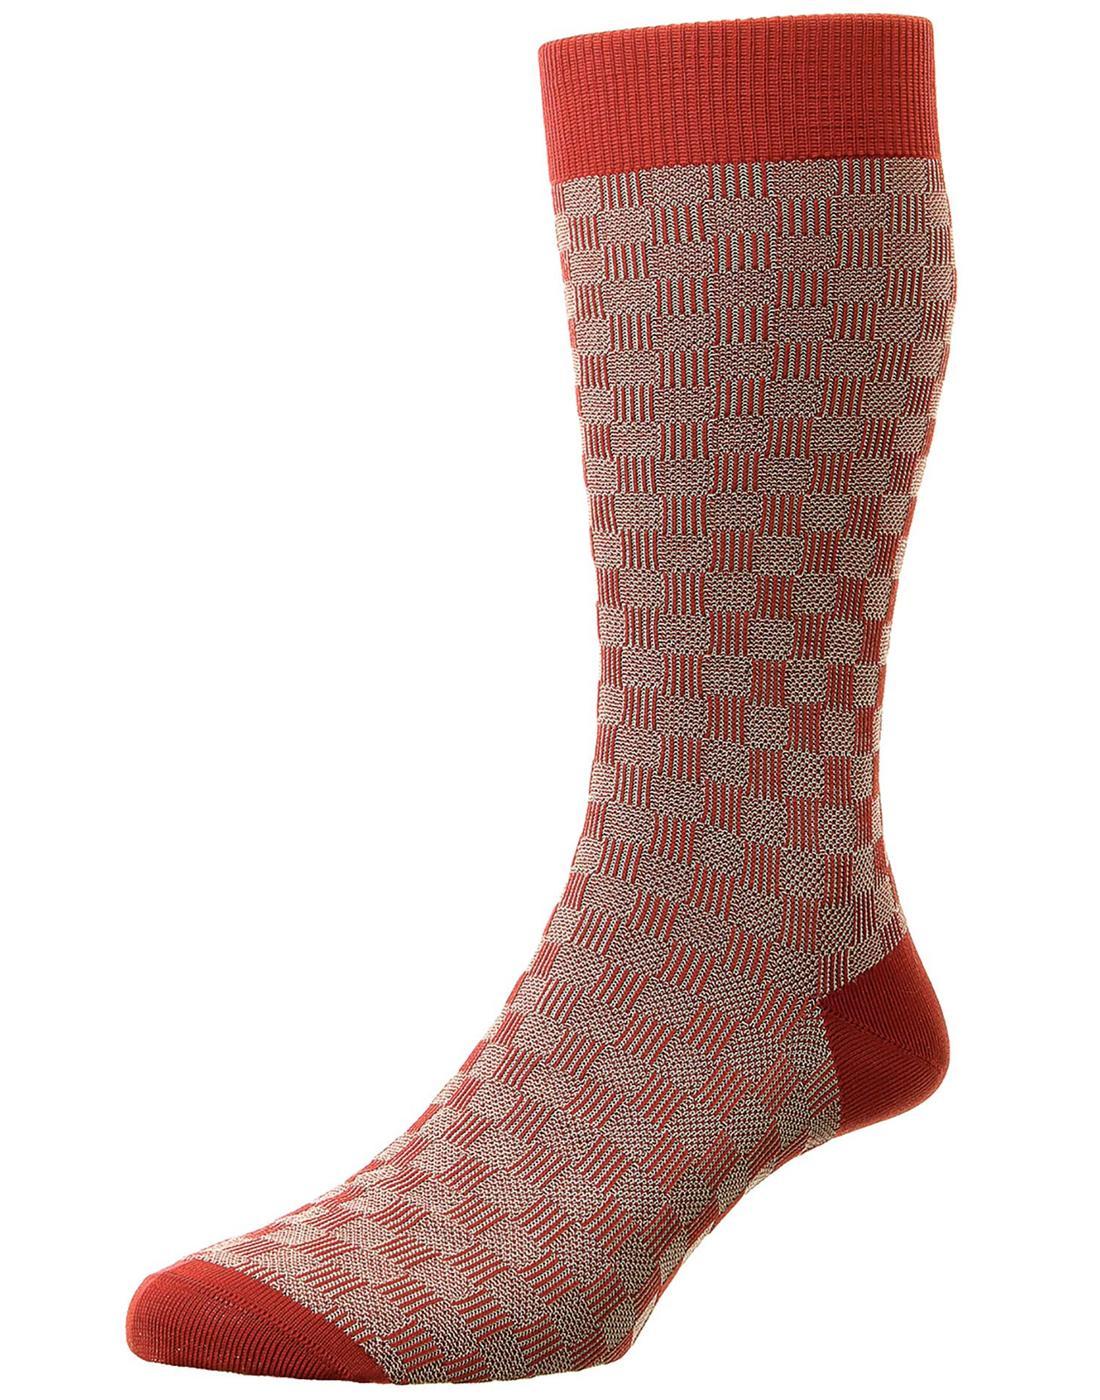 + Patino PANTHERELLA Men's 3D Basketweave Socks R